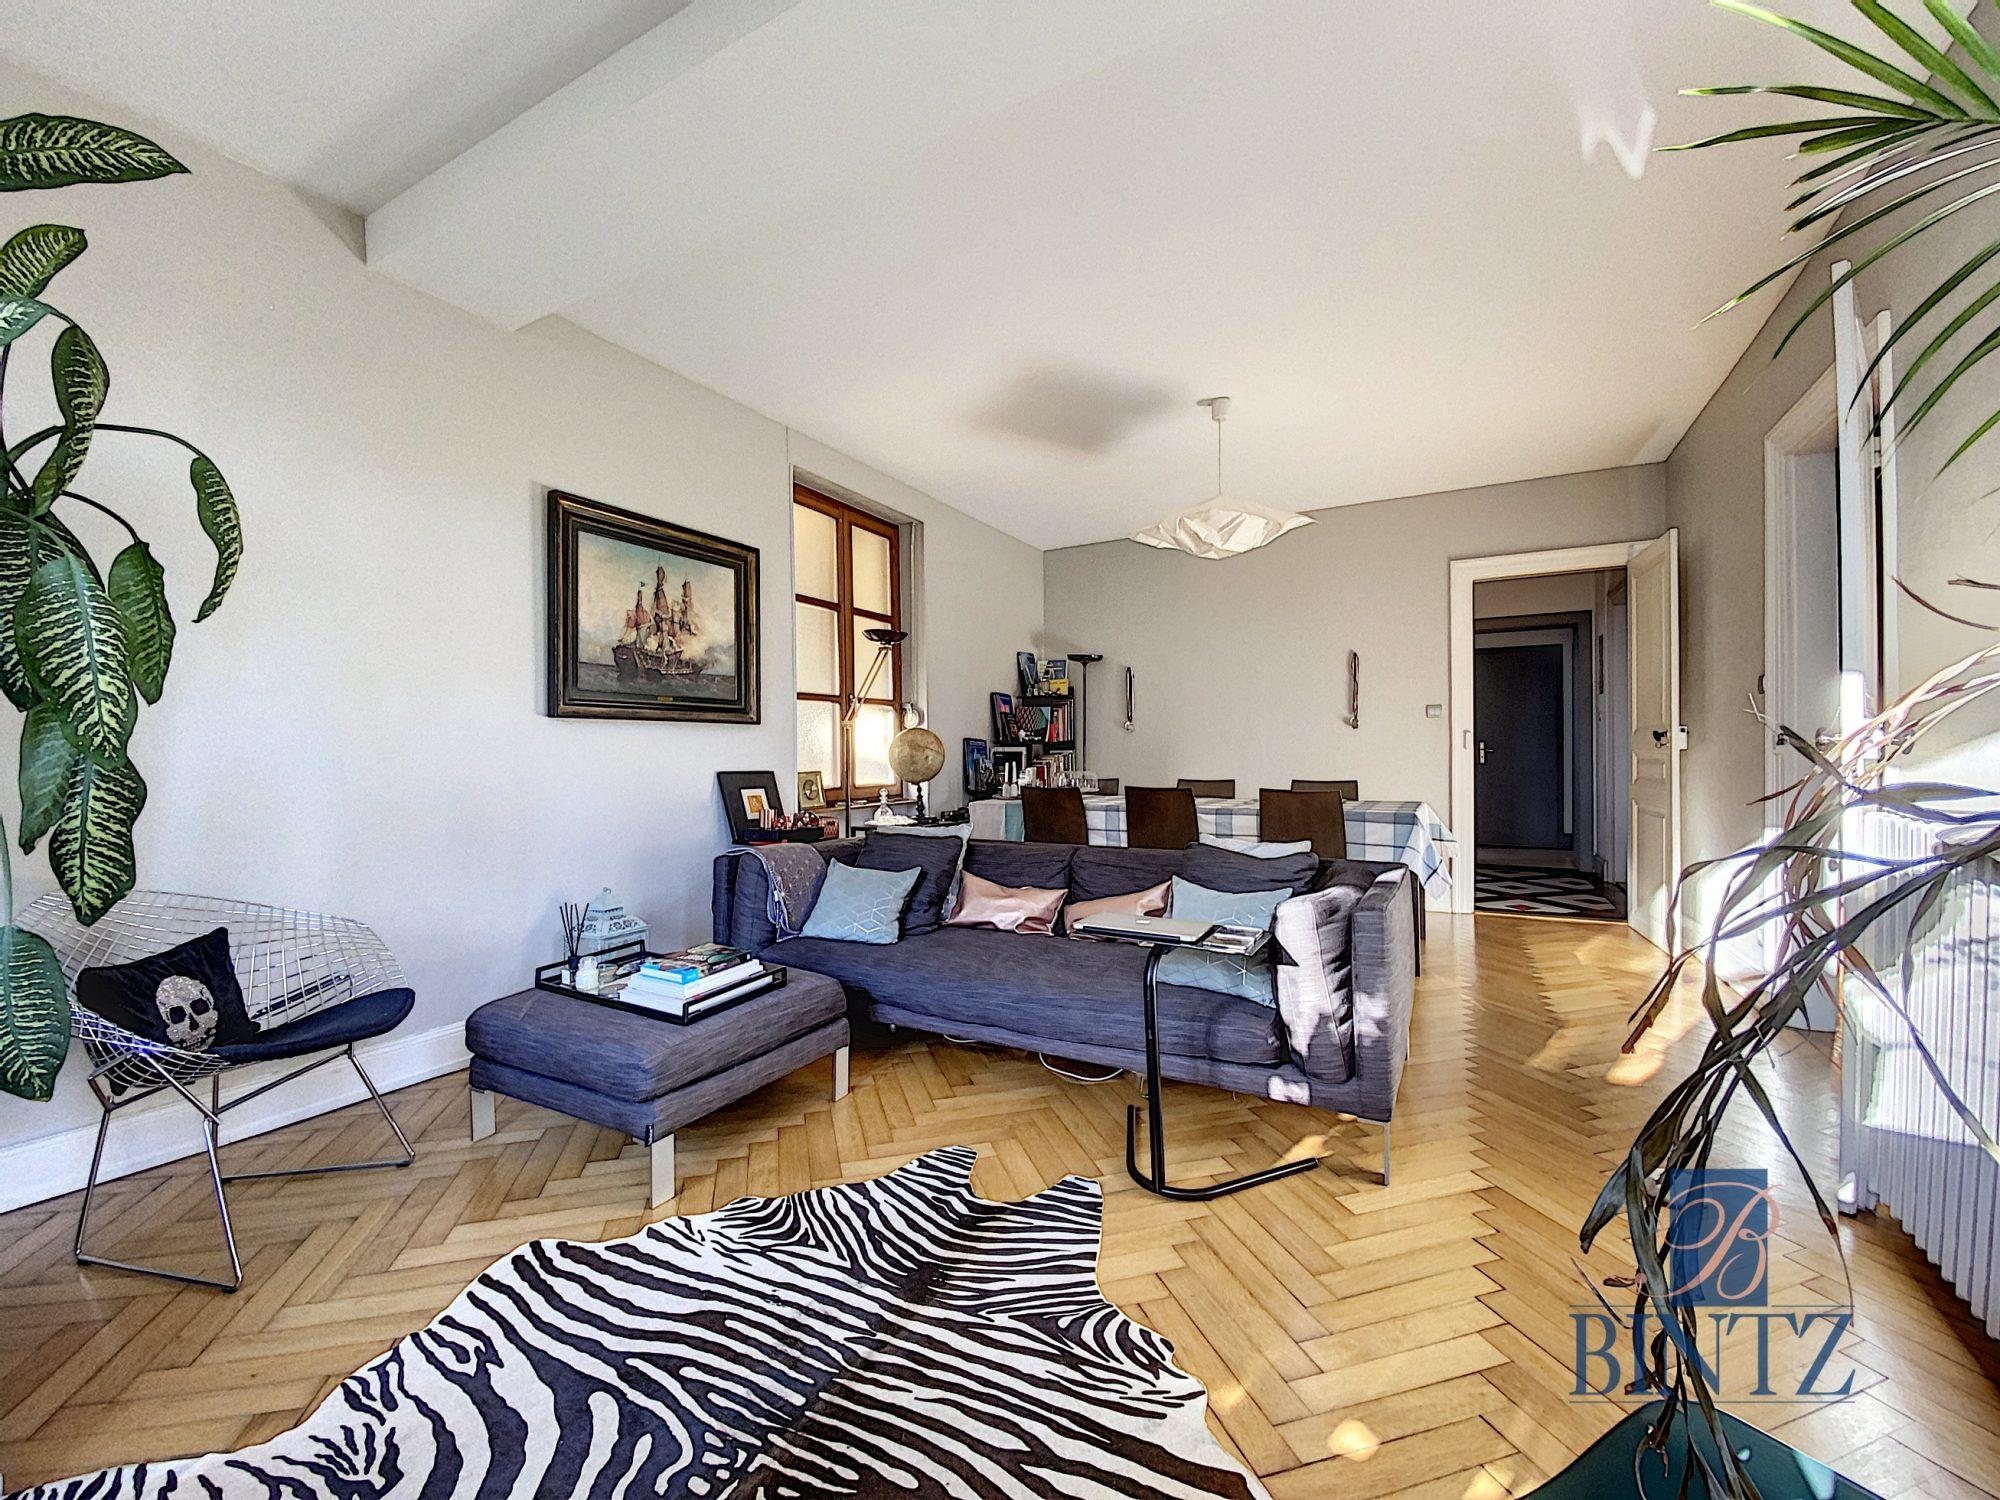 BEAU 3 PIÈCES À SELESTAT - Devenez propriétaire en toute confiance - Bintz Immobilier - 3